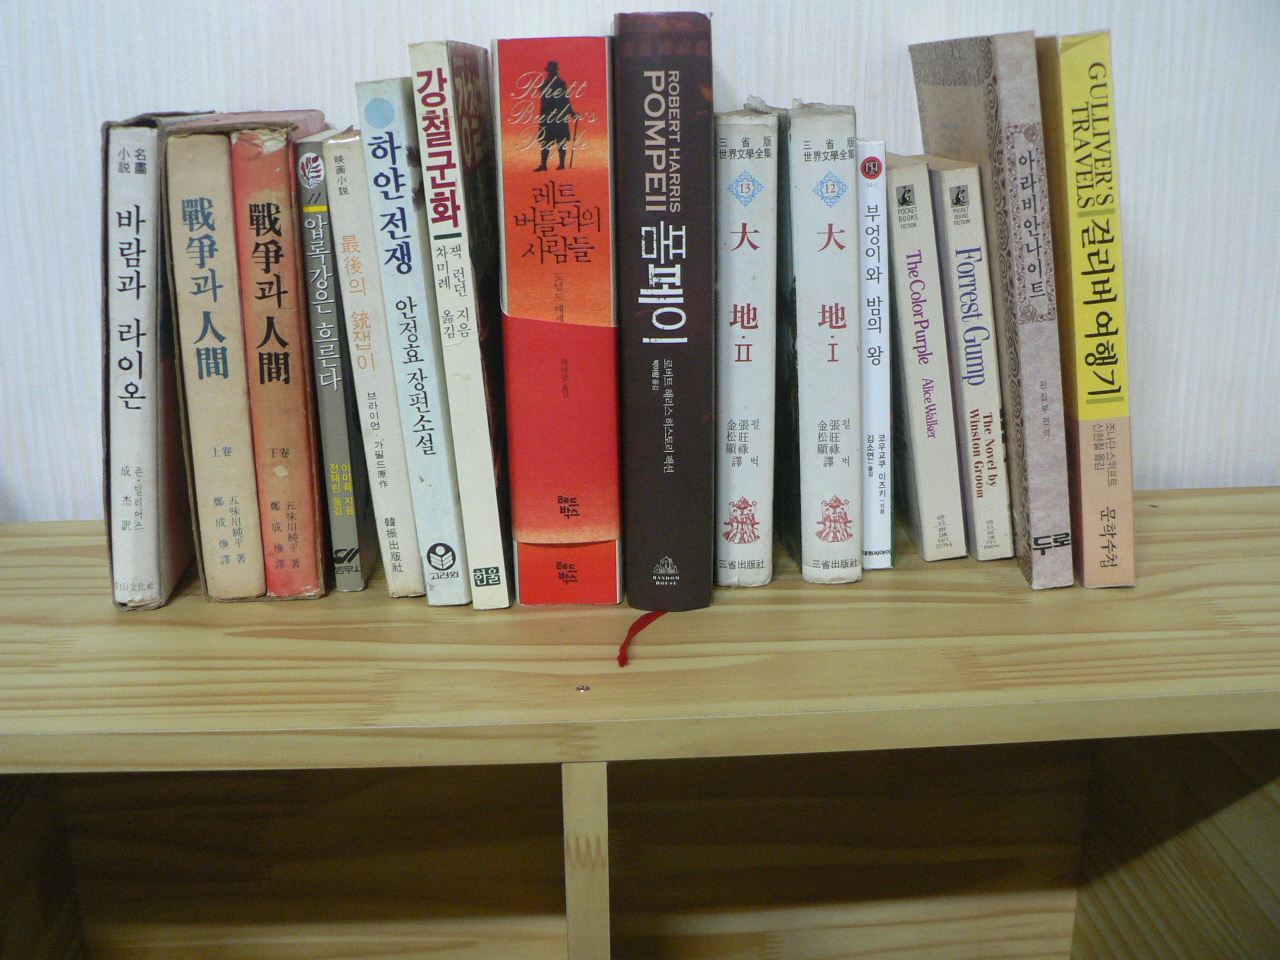 소설책 + 자기개발서 + 여행기 + 고전 + a 팝니다